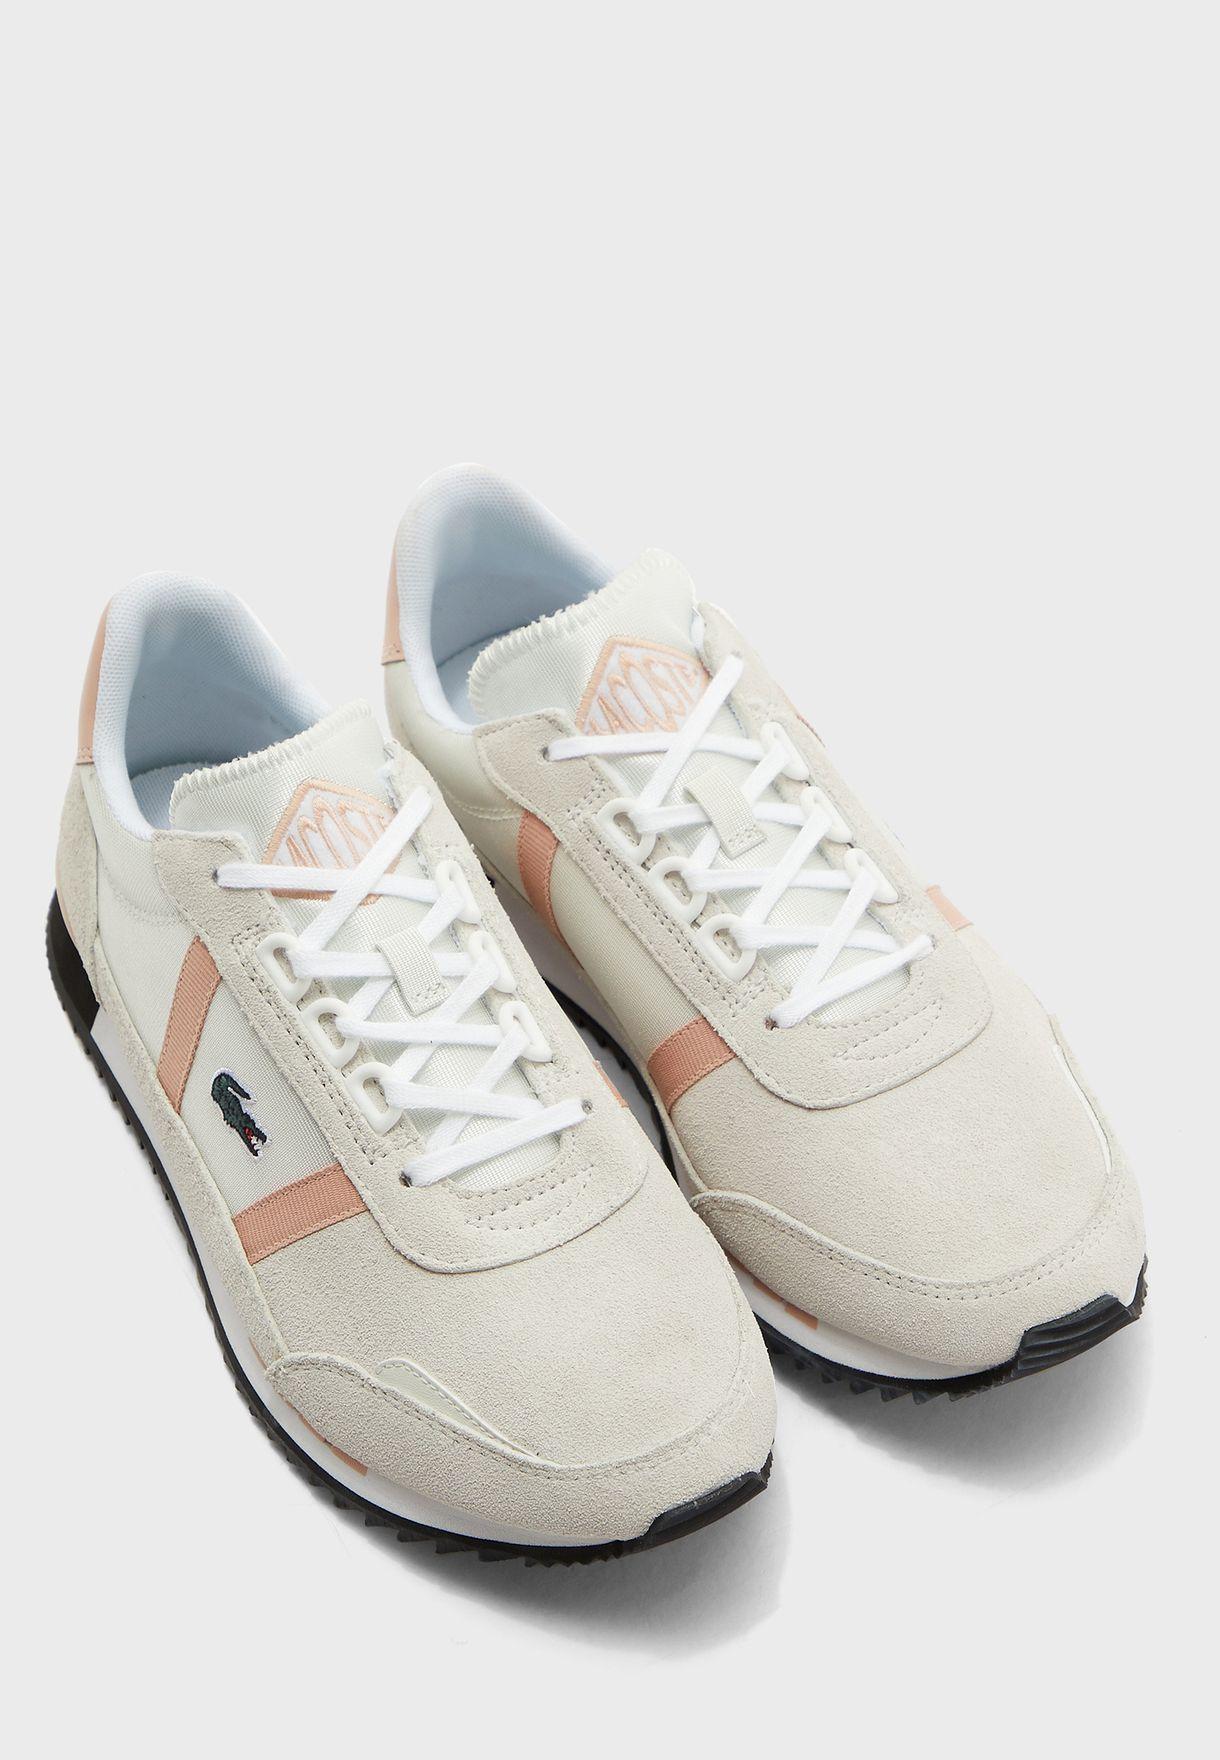 Partner Retro Low Top Sneaker